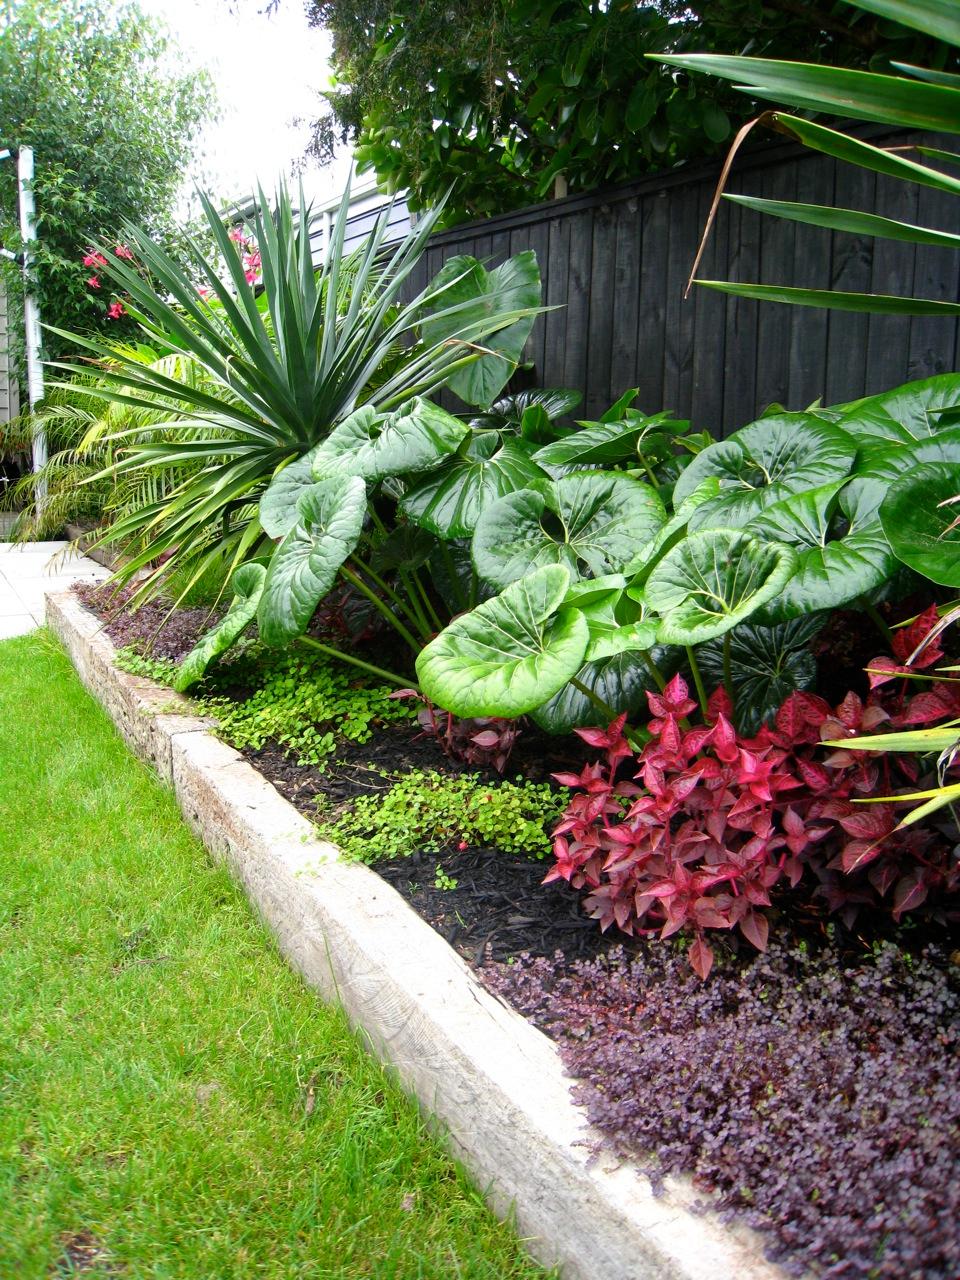 Garden Design Auckland Landscape Designer Kirsten Sach Landscape Design Ltd In 2020 Small Garden Landscape Garden Landscape Design Tropical Landscaping